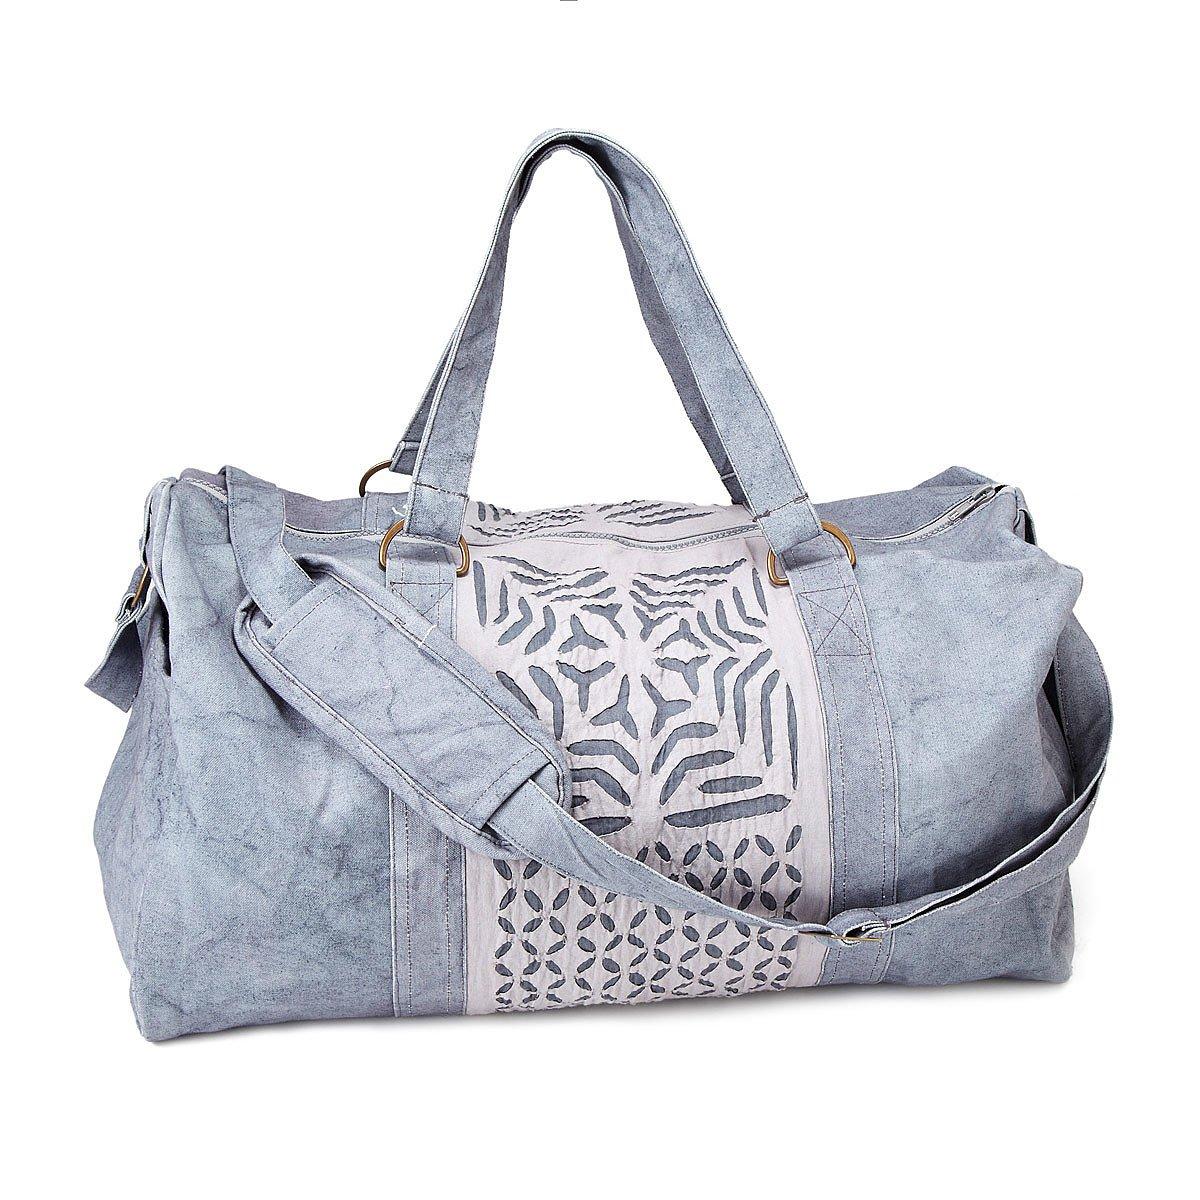 Reverse Applique Stonewashed Duffle | cotton bags, applique ...